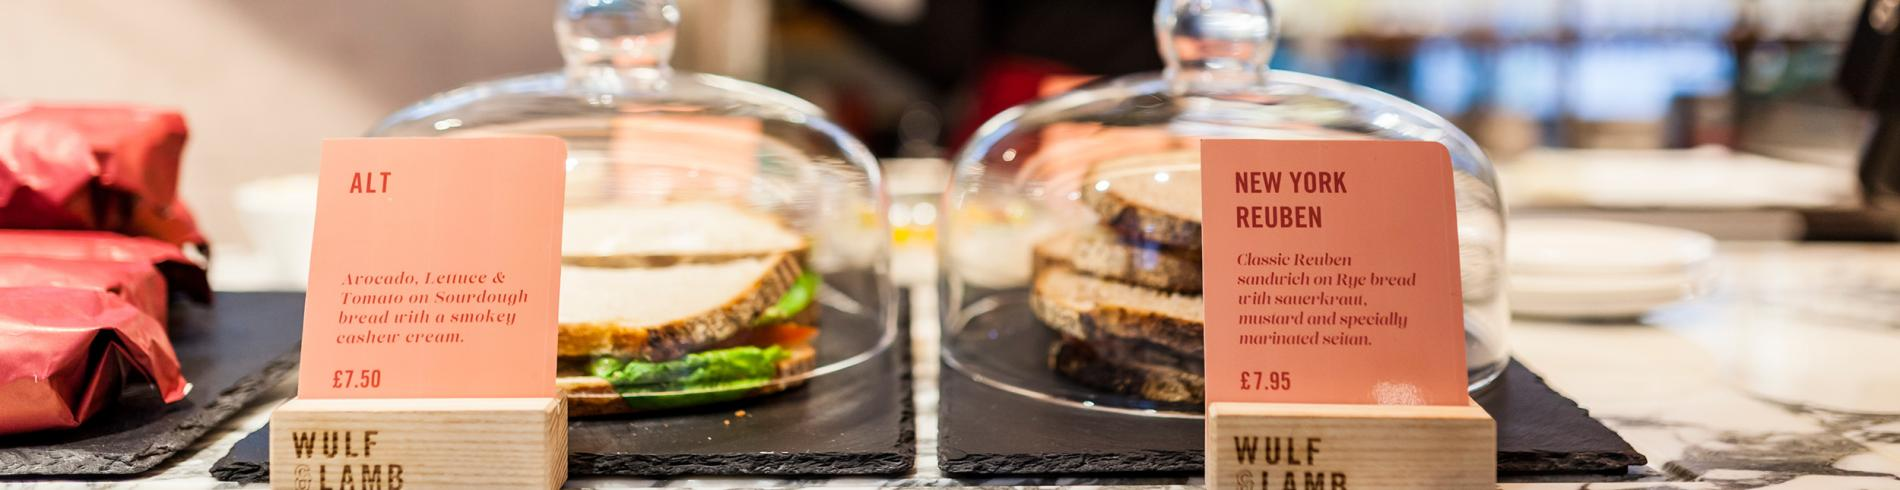 Vegan food in London